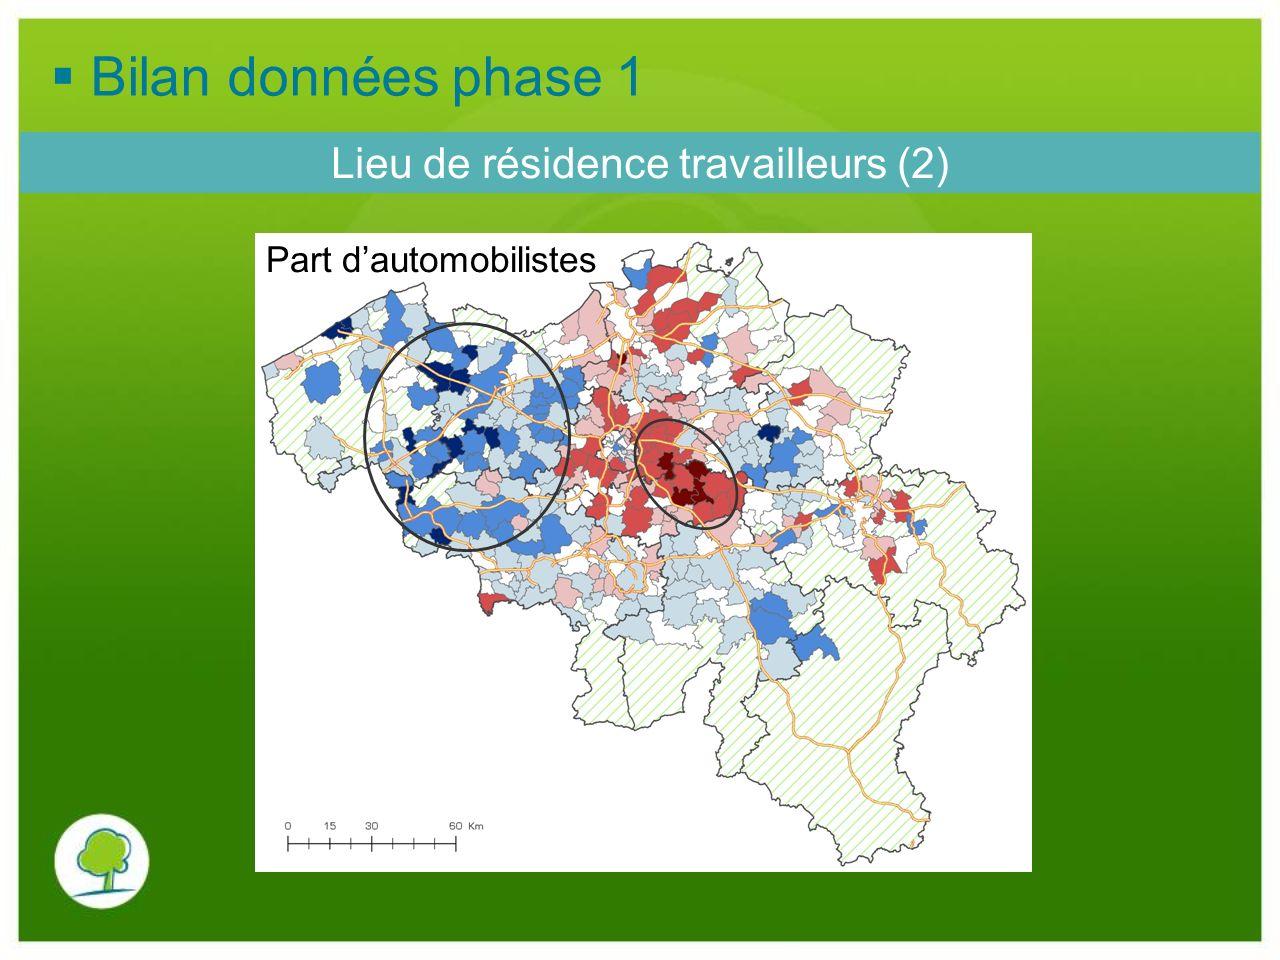 Bilan données phase 1 Lieu de résidence travailleurs (2)